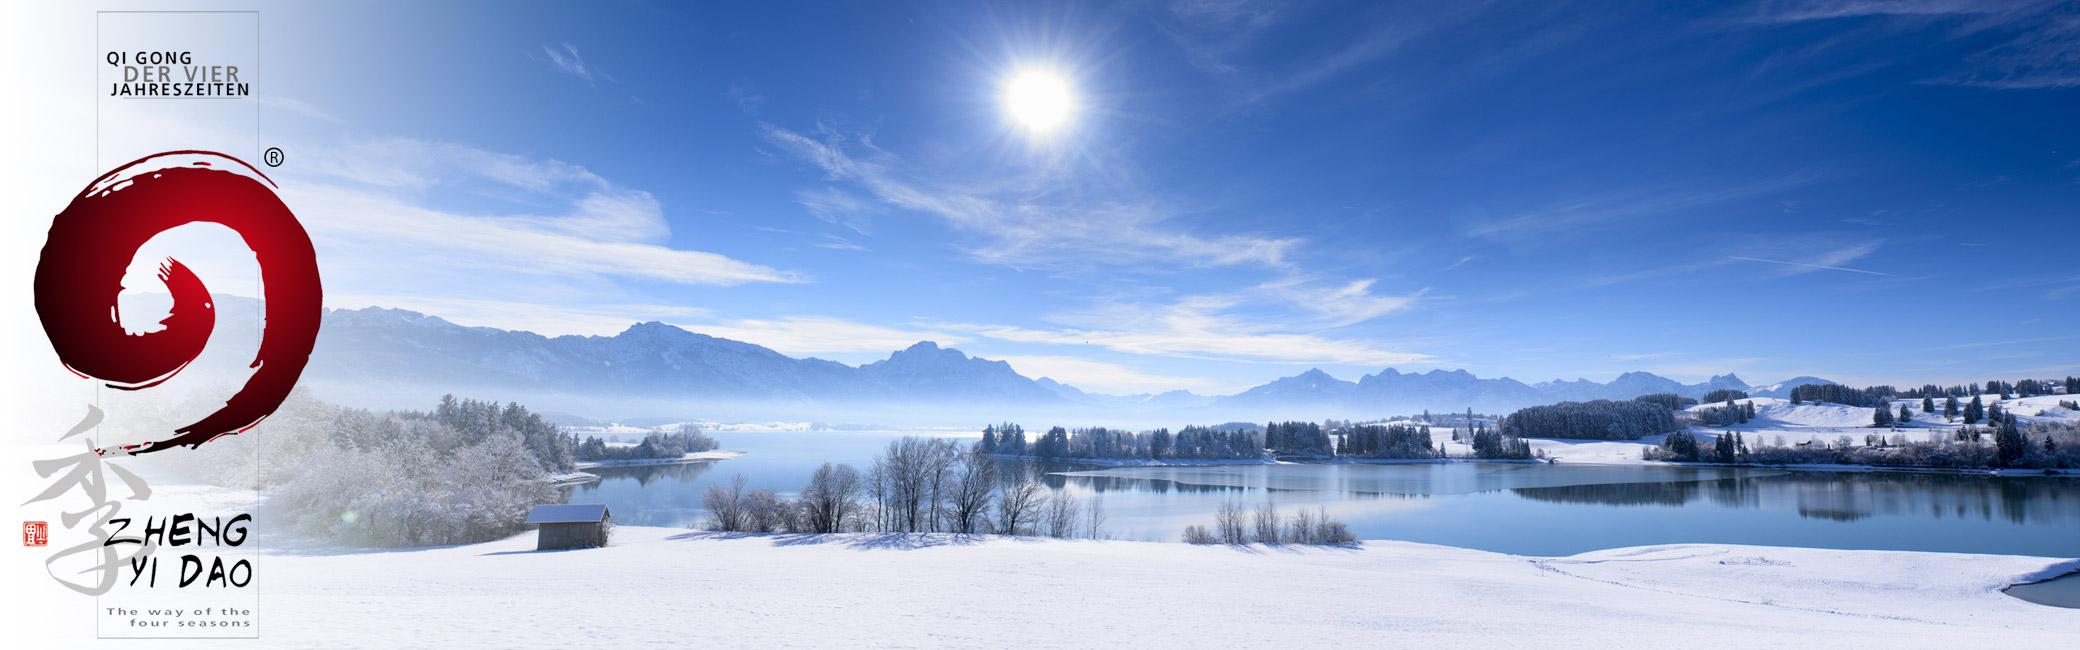 ZhengYi-Dao-Vier-Jahreszeiten-Winter01